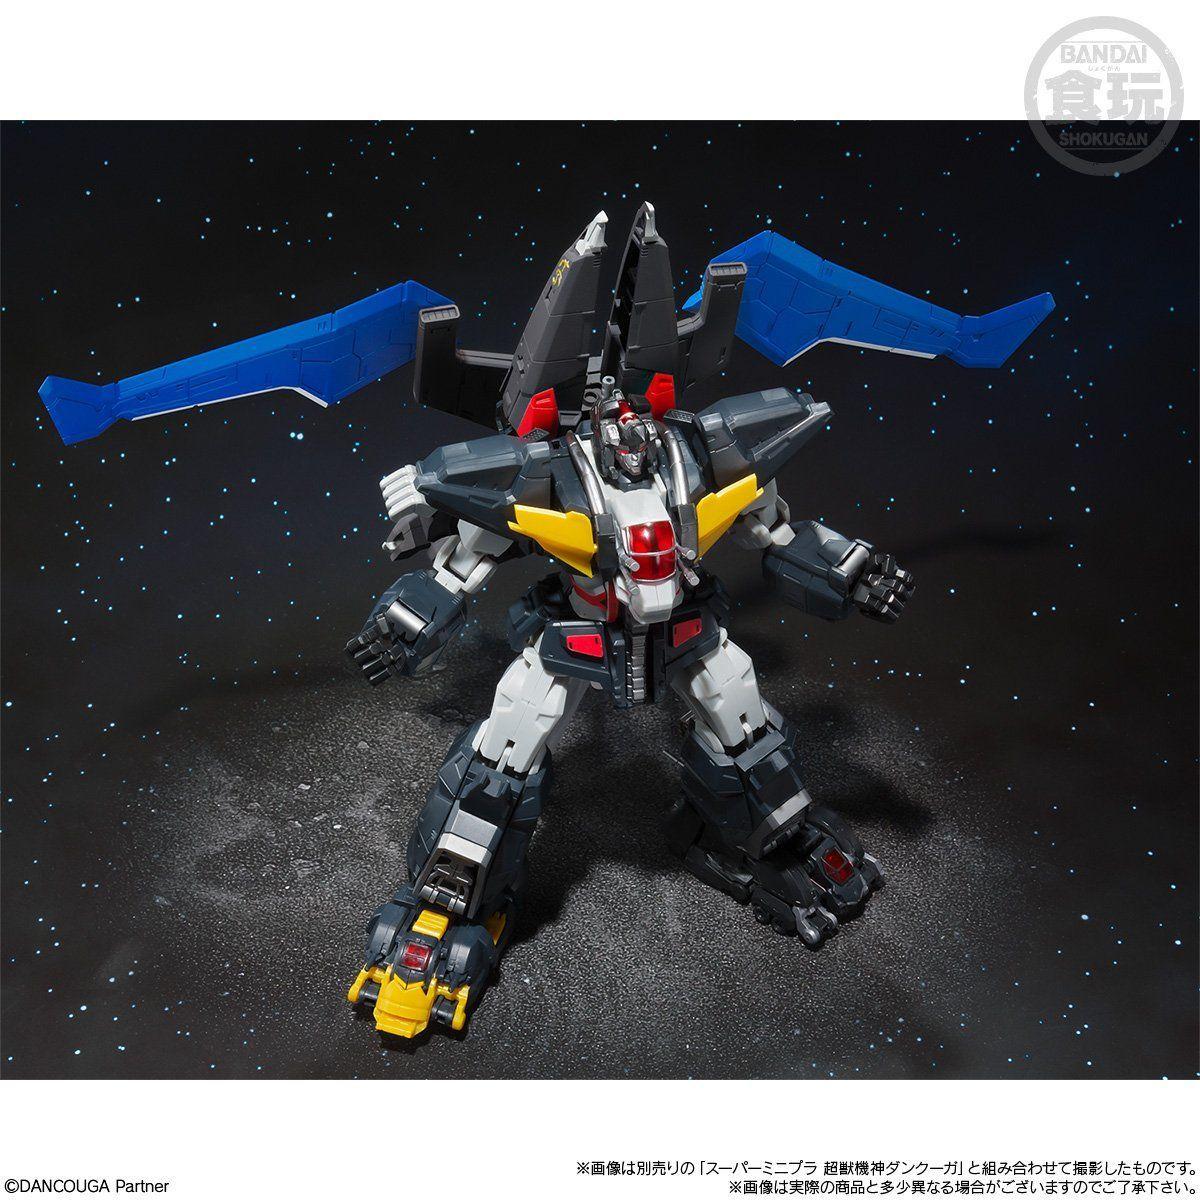 【限定販売】【食玩】スーパーミニプラ『ブラックウイング』超獣機神ダンクーガ  プラモデル-009